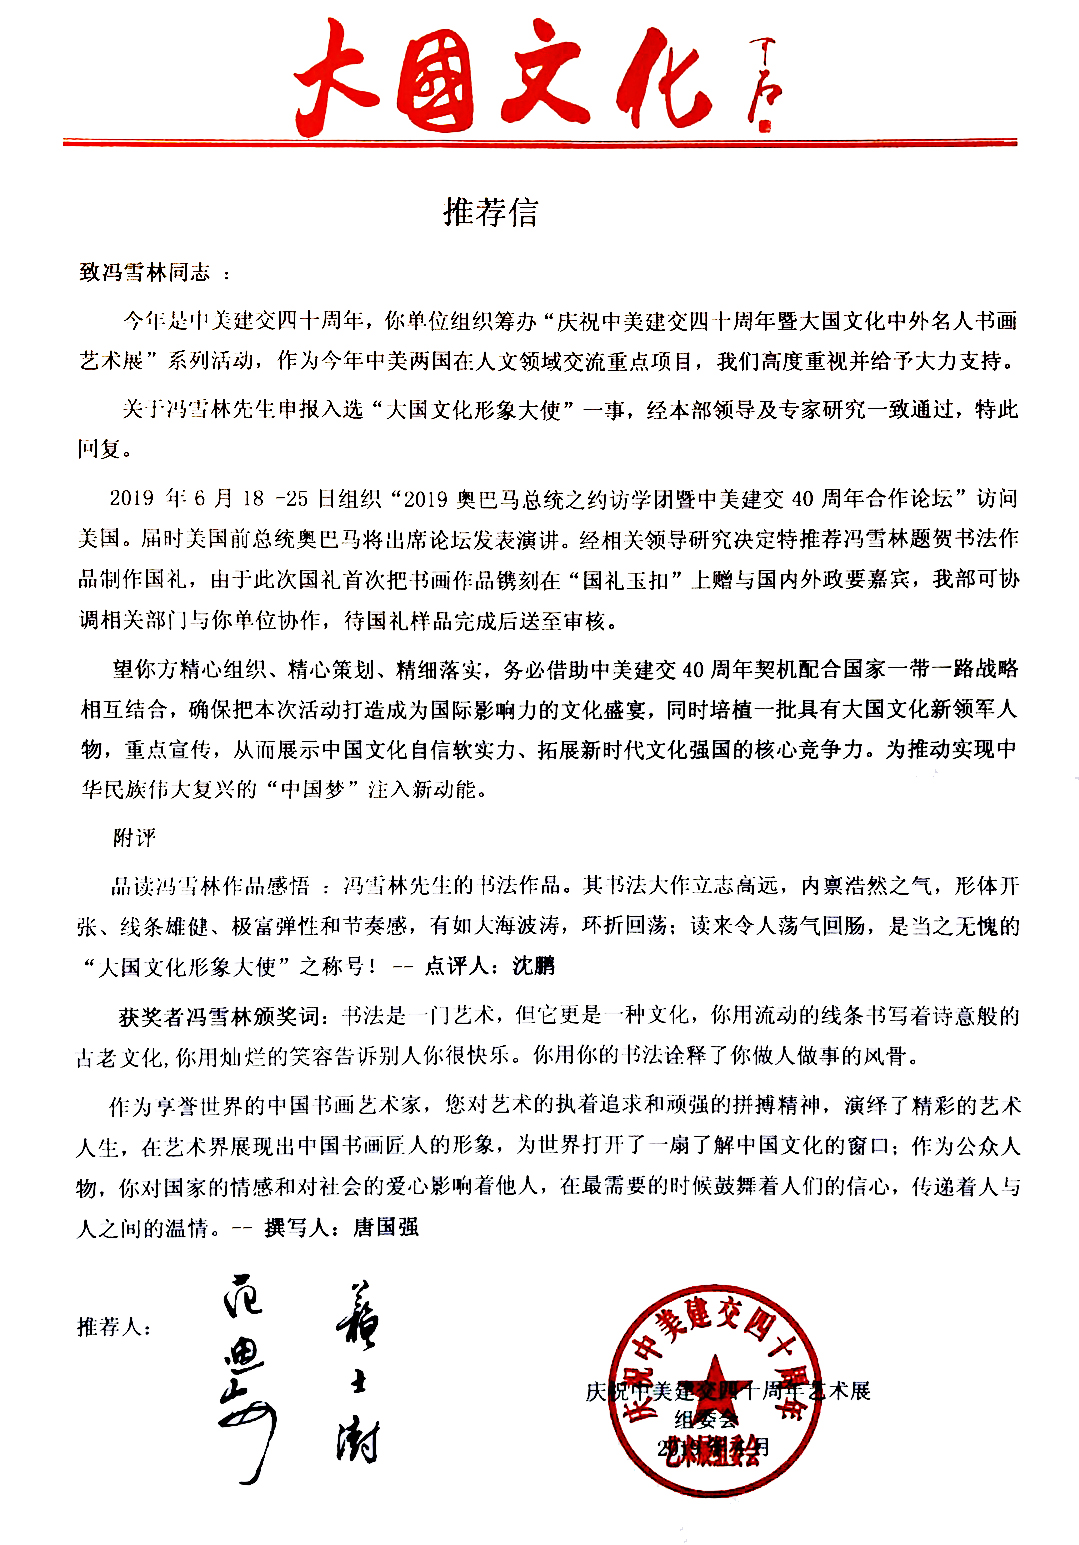 大国文化推荐信